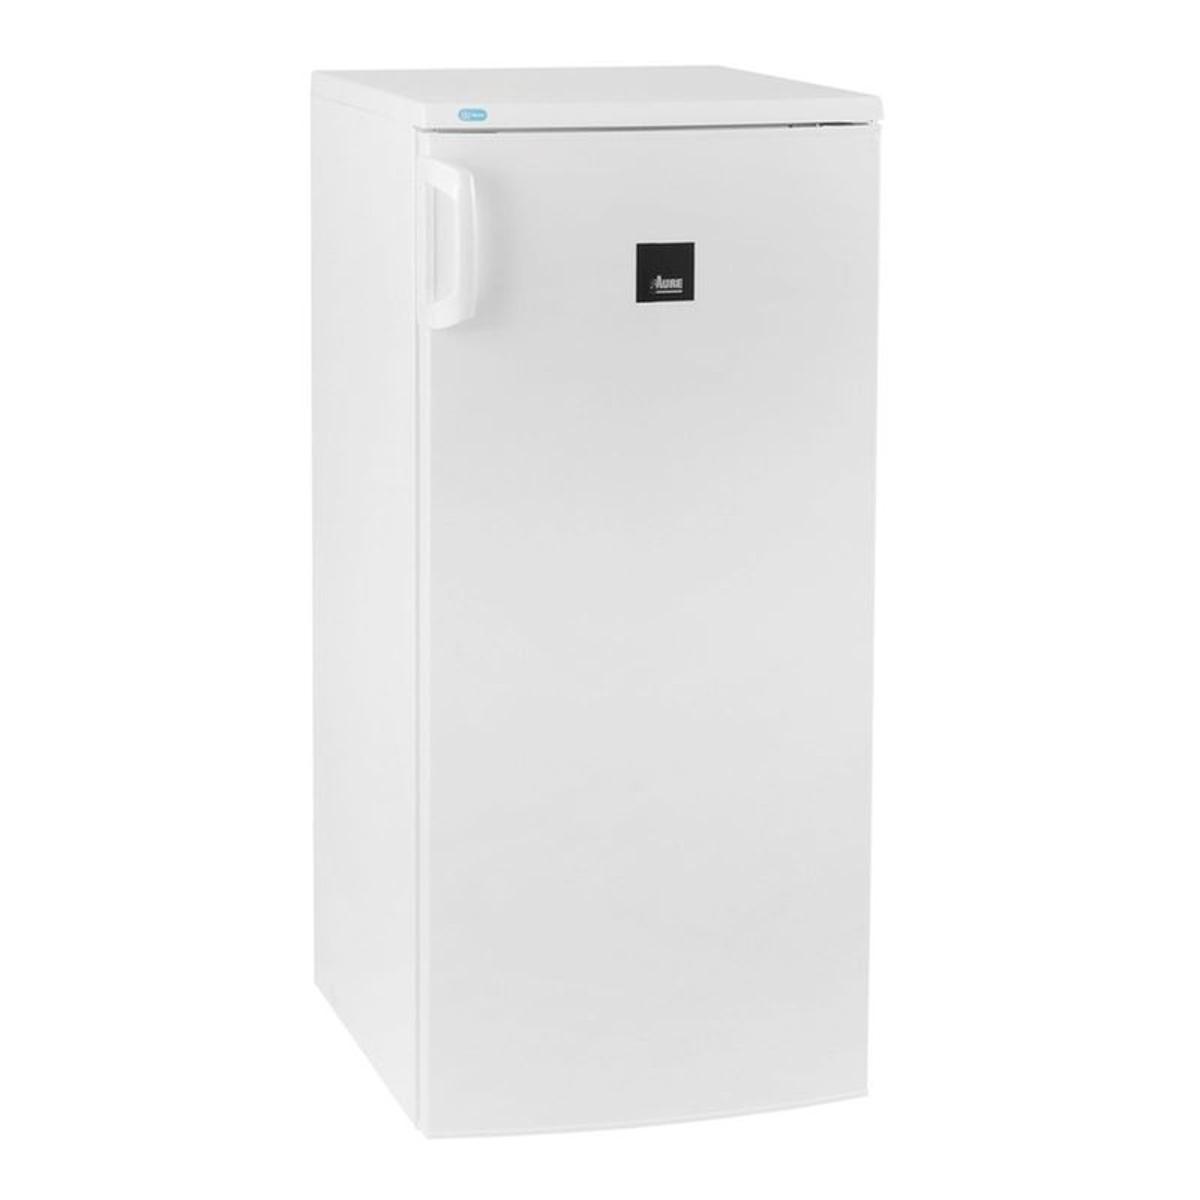 Achat r frig rateur 1 porte r frig rateur froid for Decongeler rapidement un congelateur